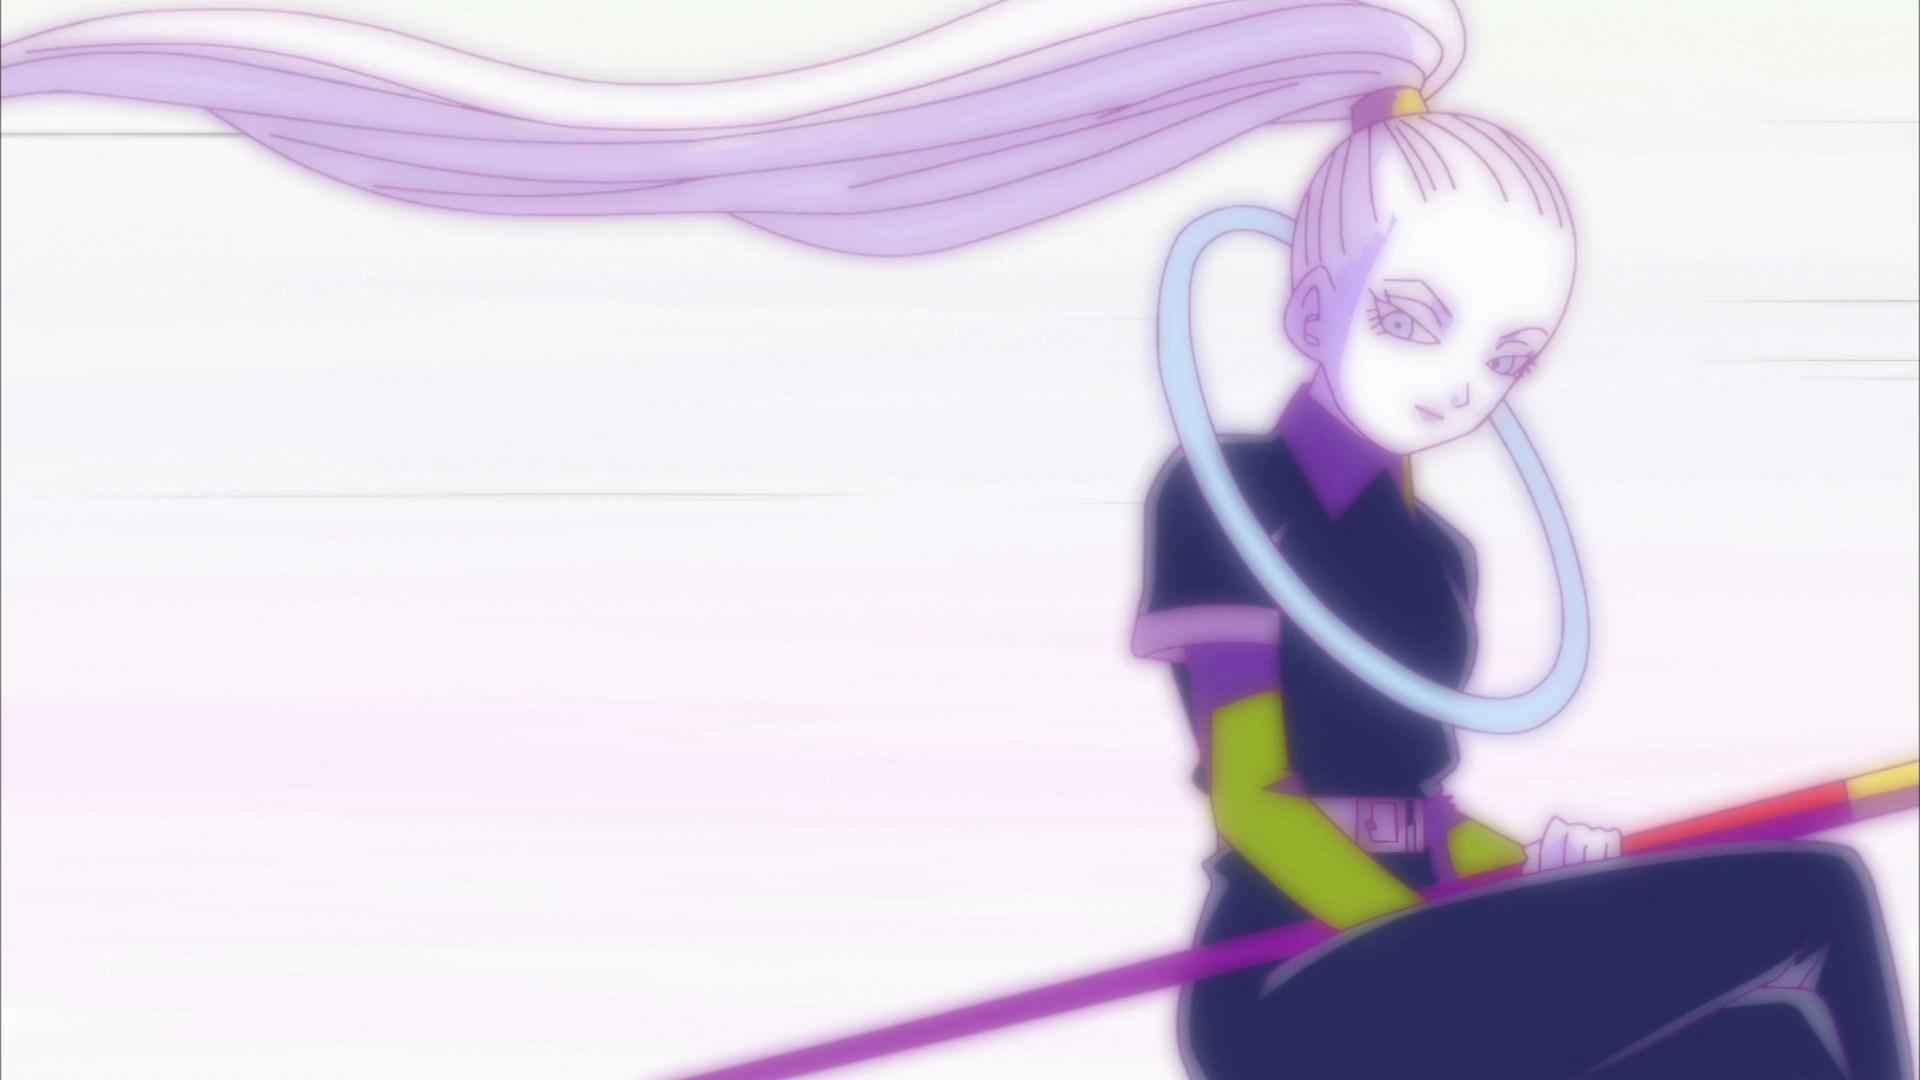 [DS] Dragon Ball Super 070 [1080p].mkv_snapshot_21.43_[2016.12.11_03.59.50]